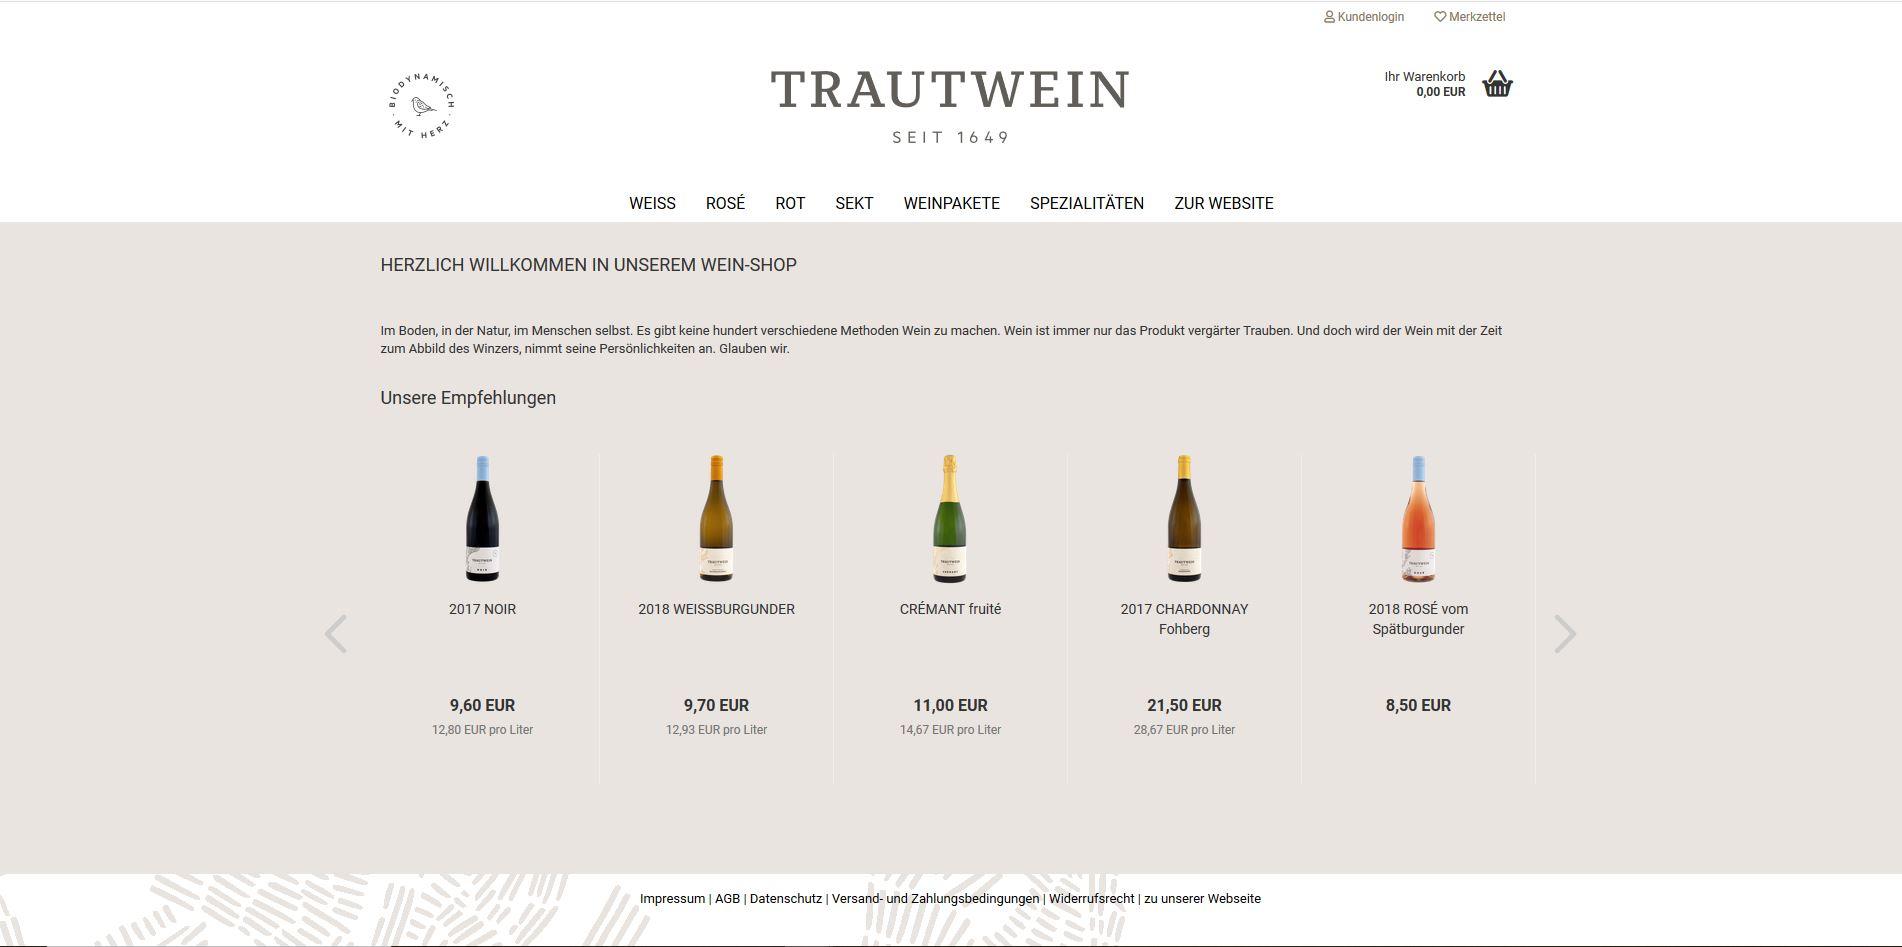 Weine vom Weingut Trautwein